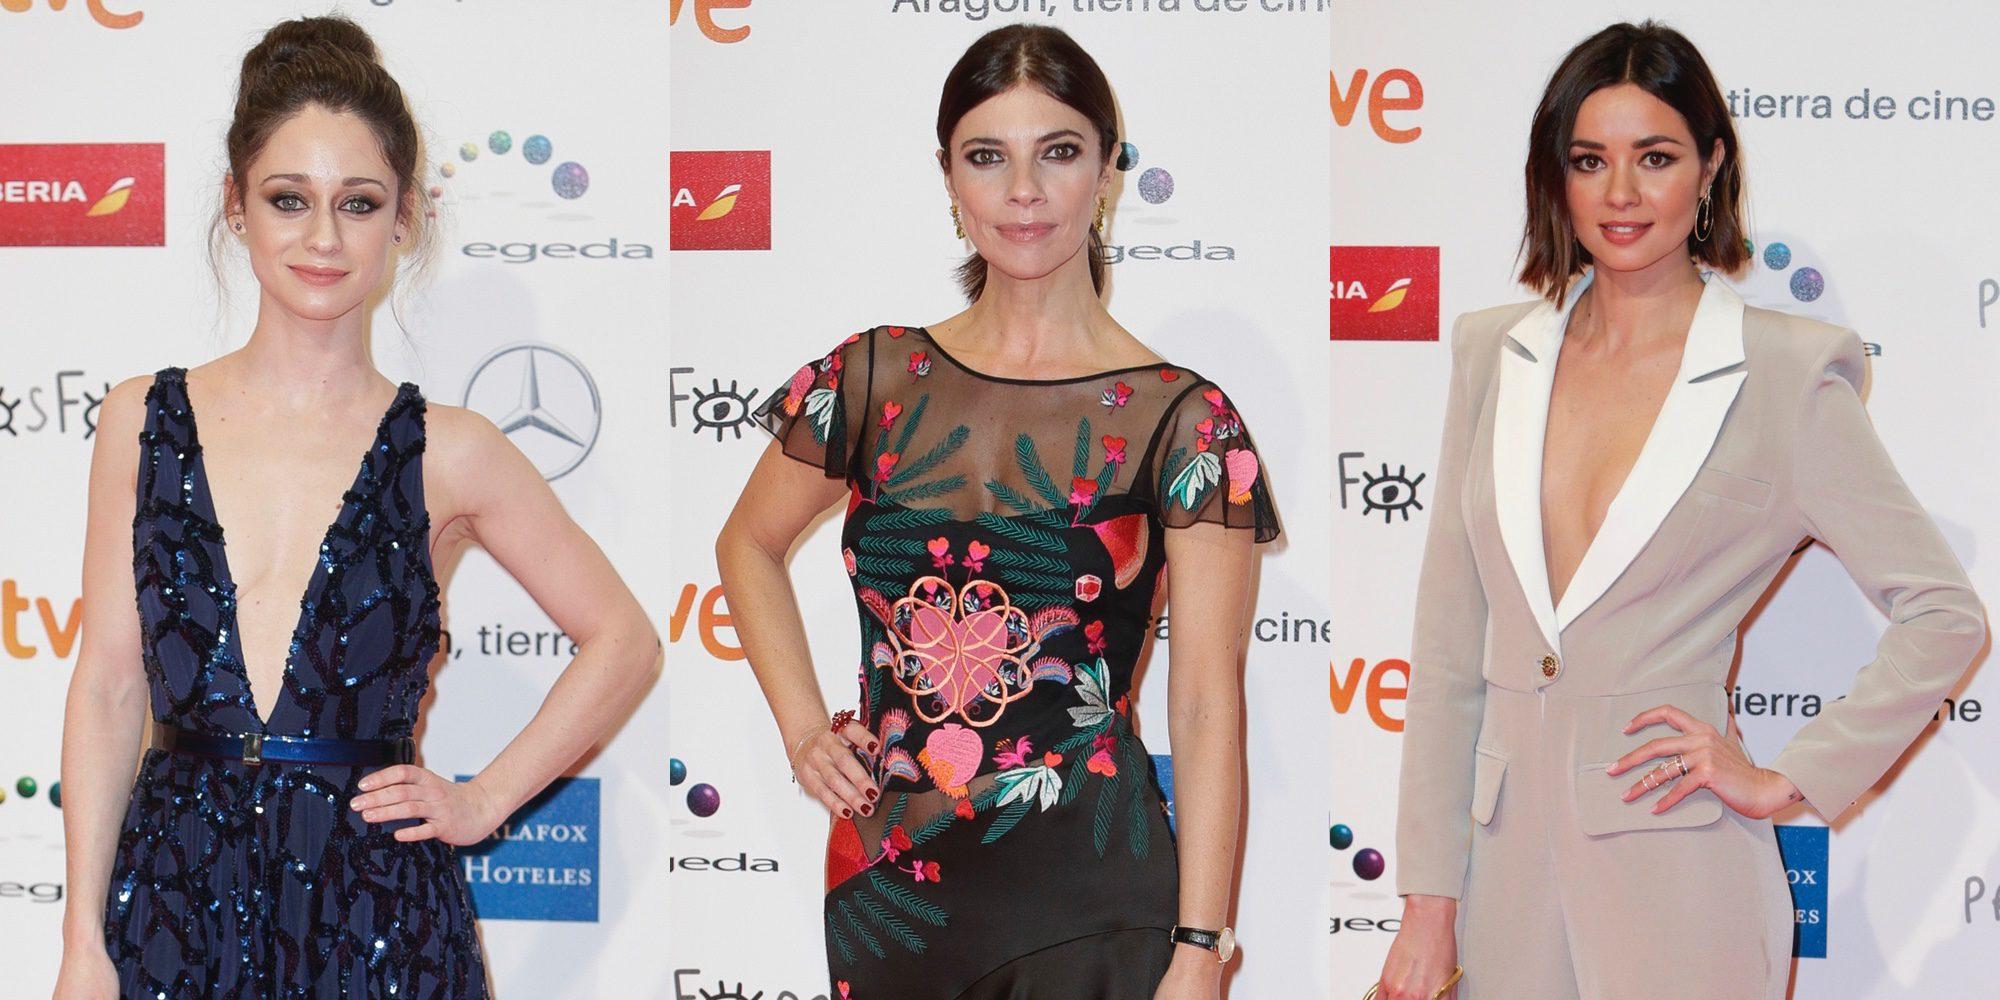 Así ha sido la elegante alfombra roja de los Premios Forqué 2018